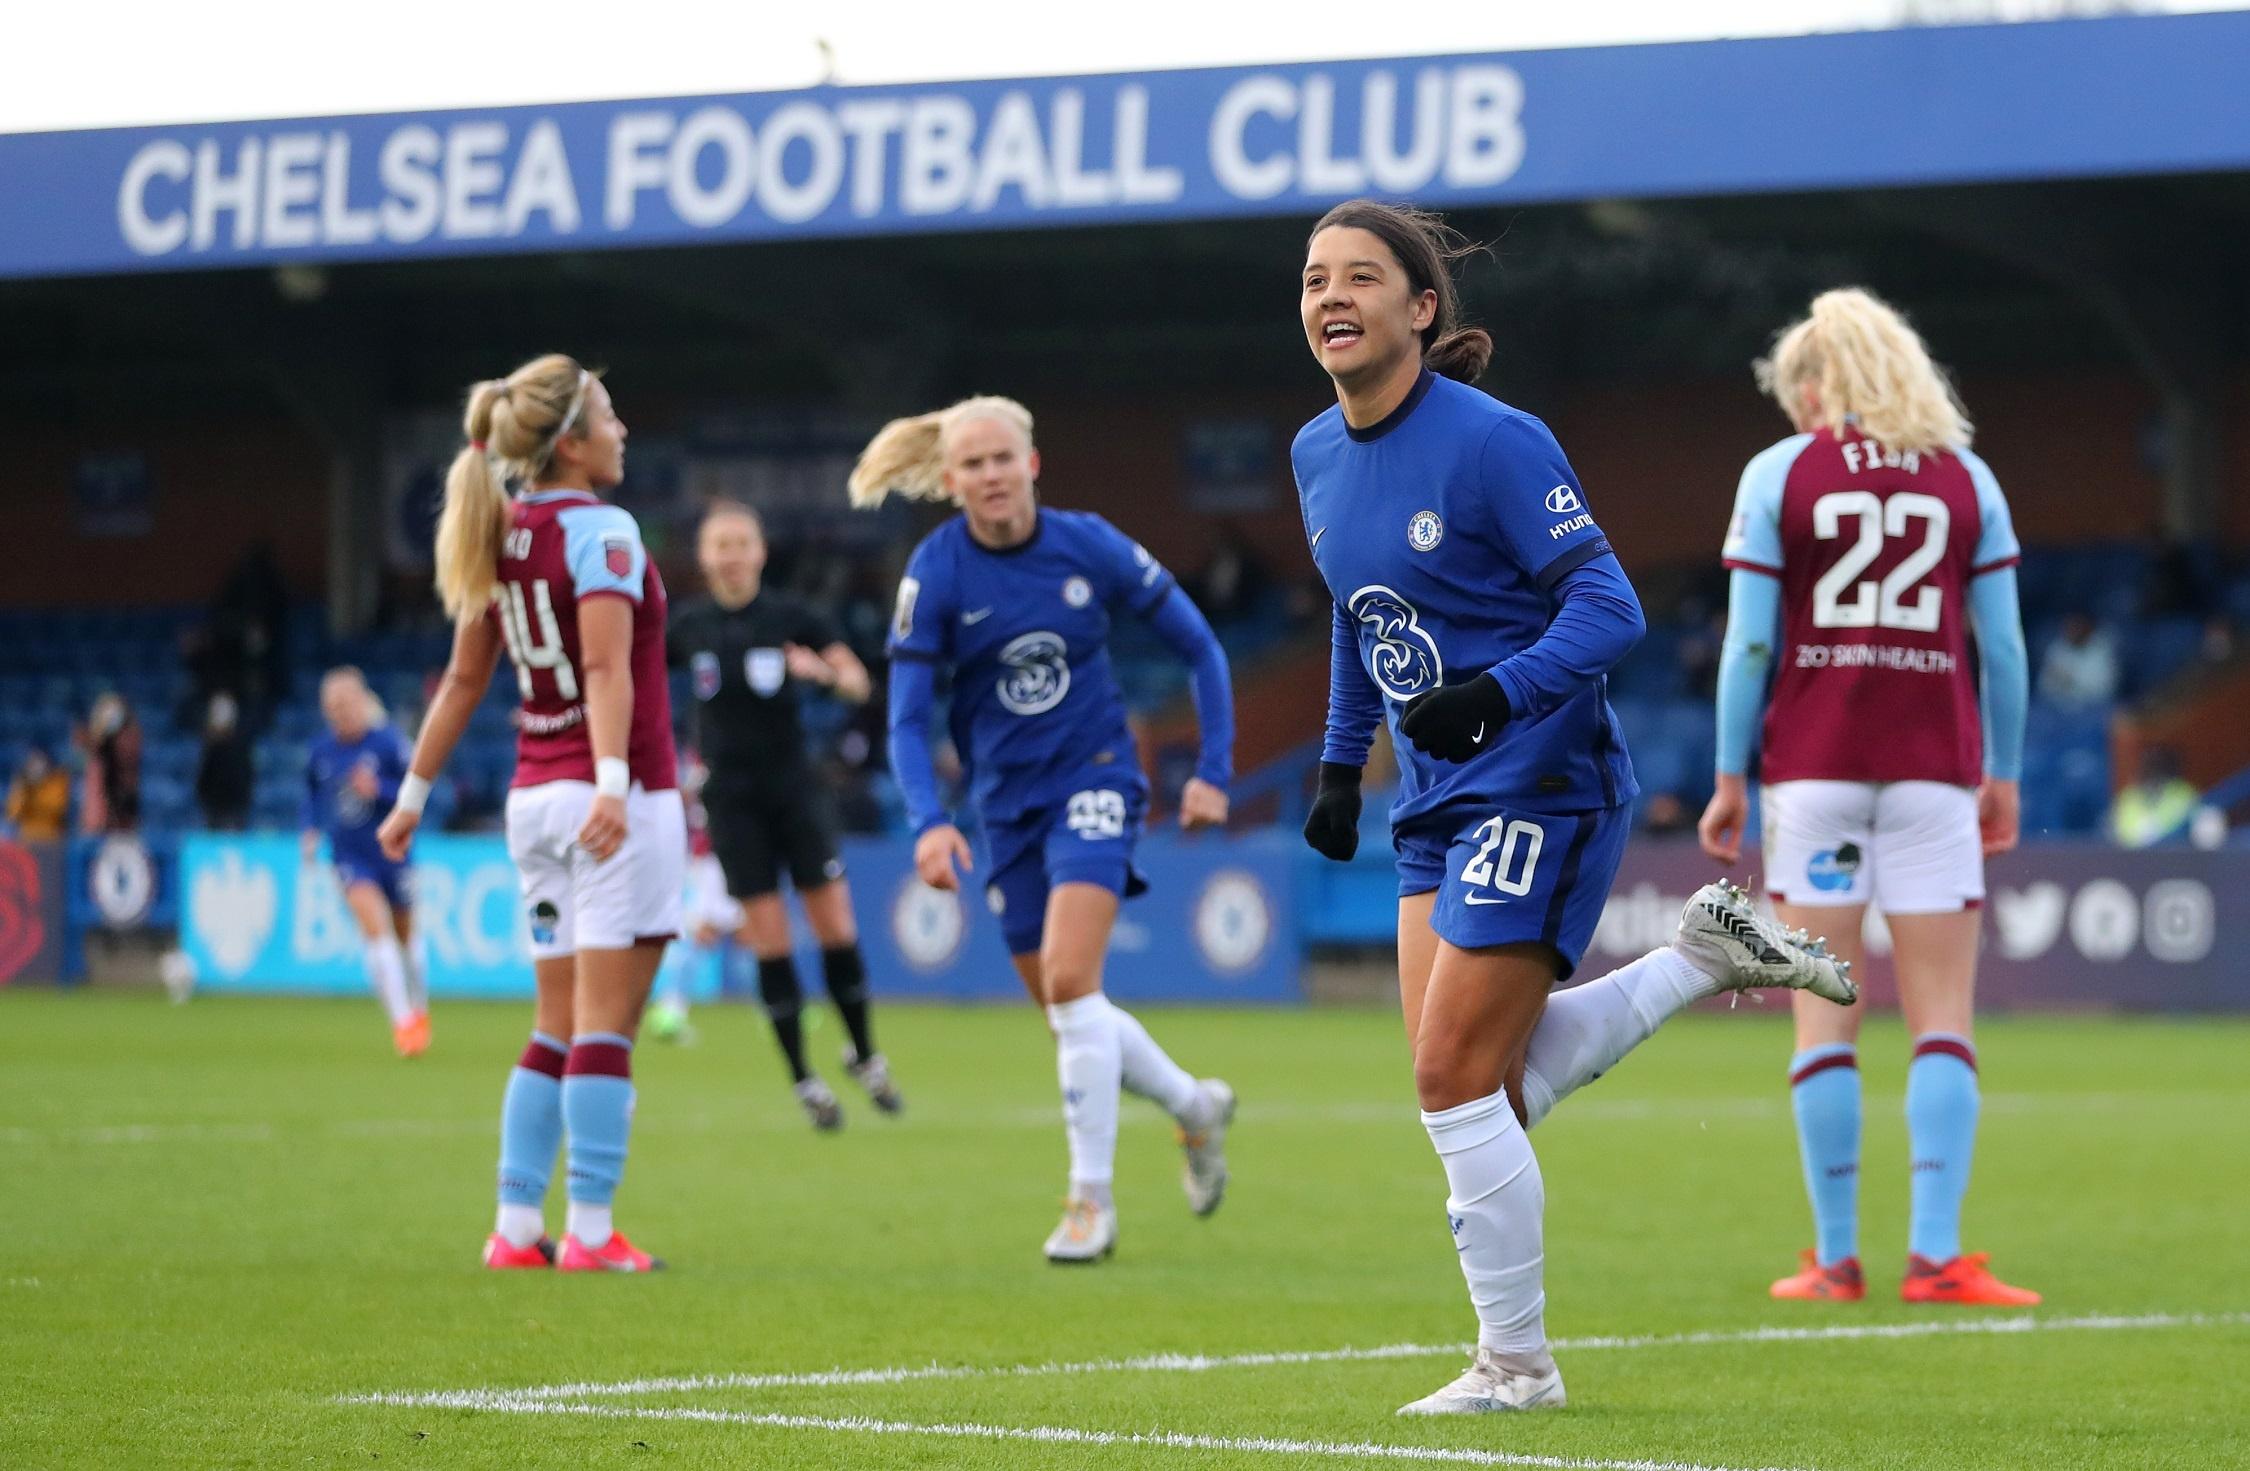 Chelsea le pisa los talones al Manchester United y Arsenal en la liga inglesa - Fémina Fútbol